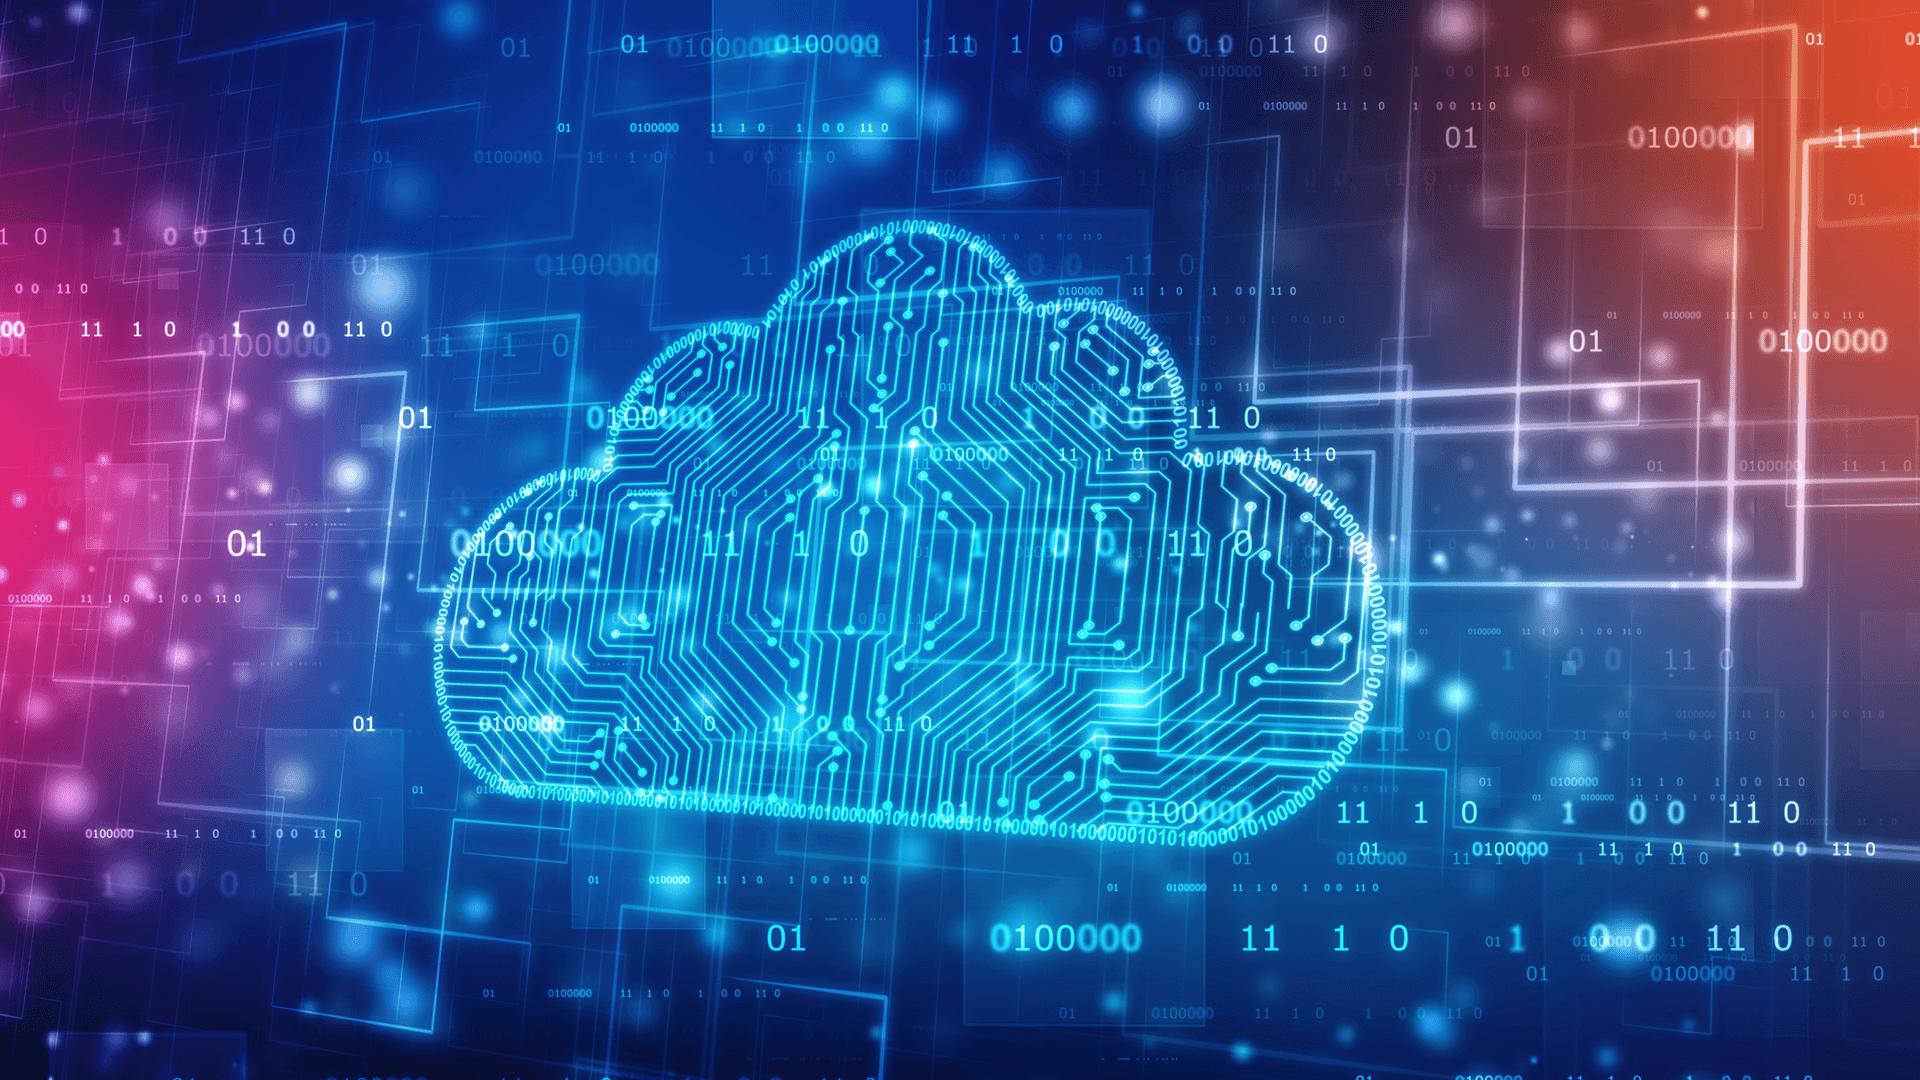 Обнаружена первая в мире облачная атака с использованием легитимного инструмента